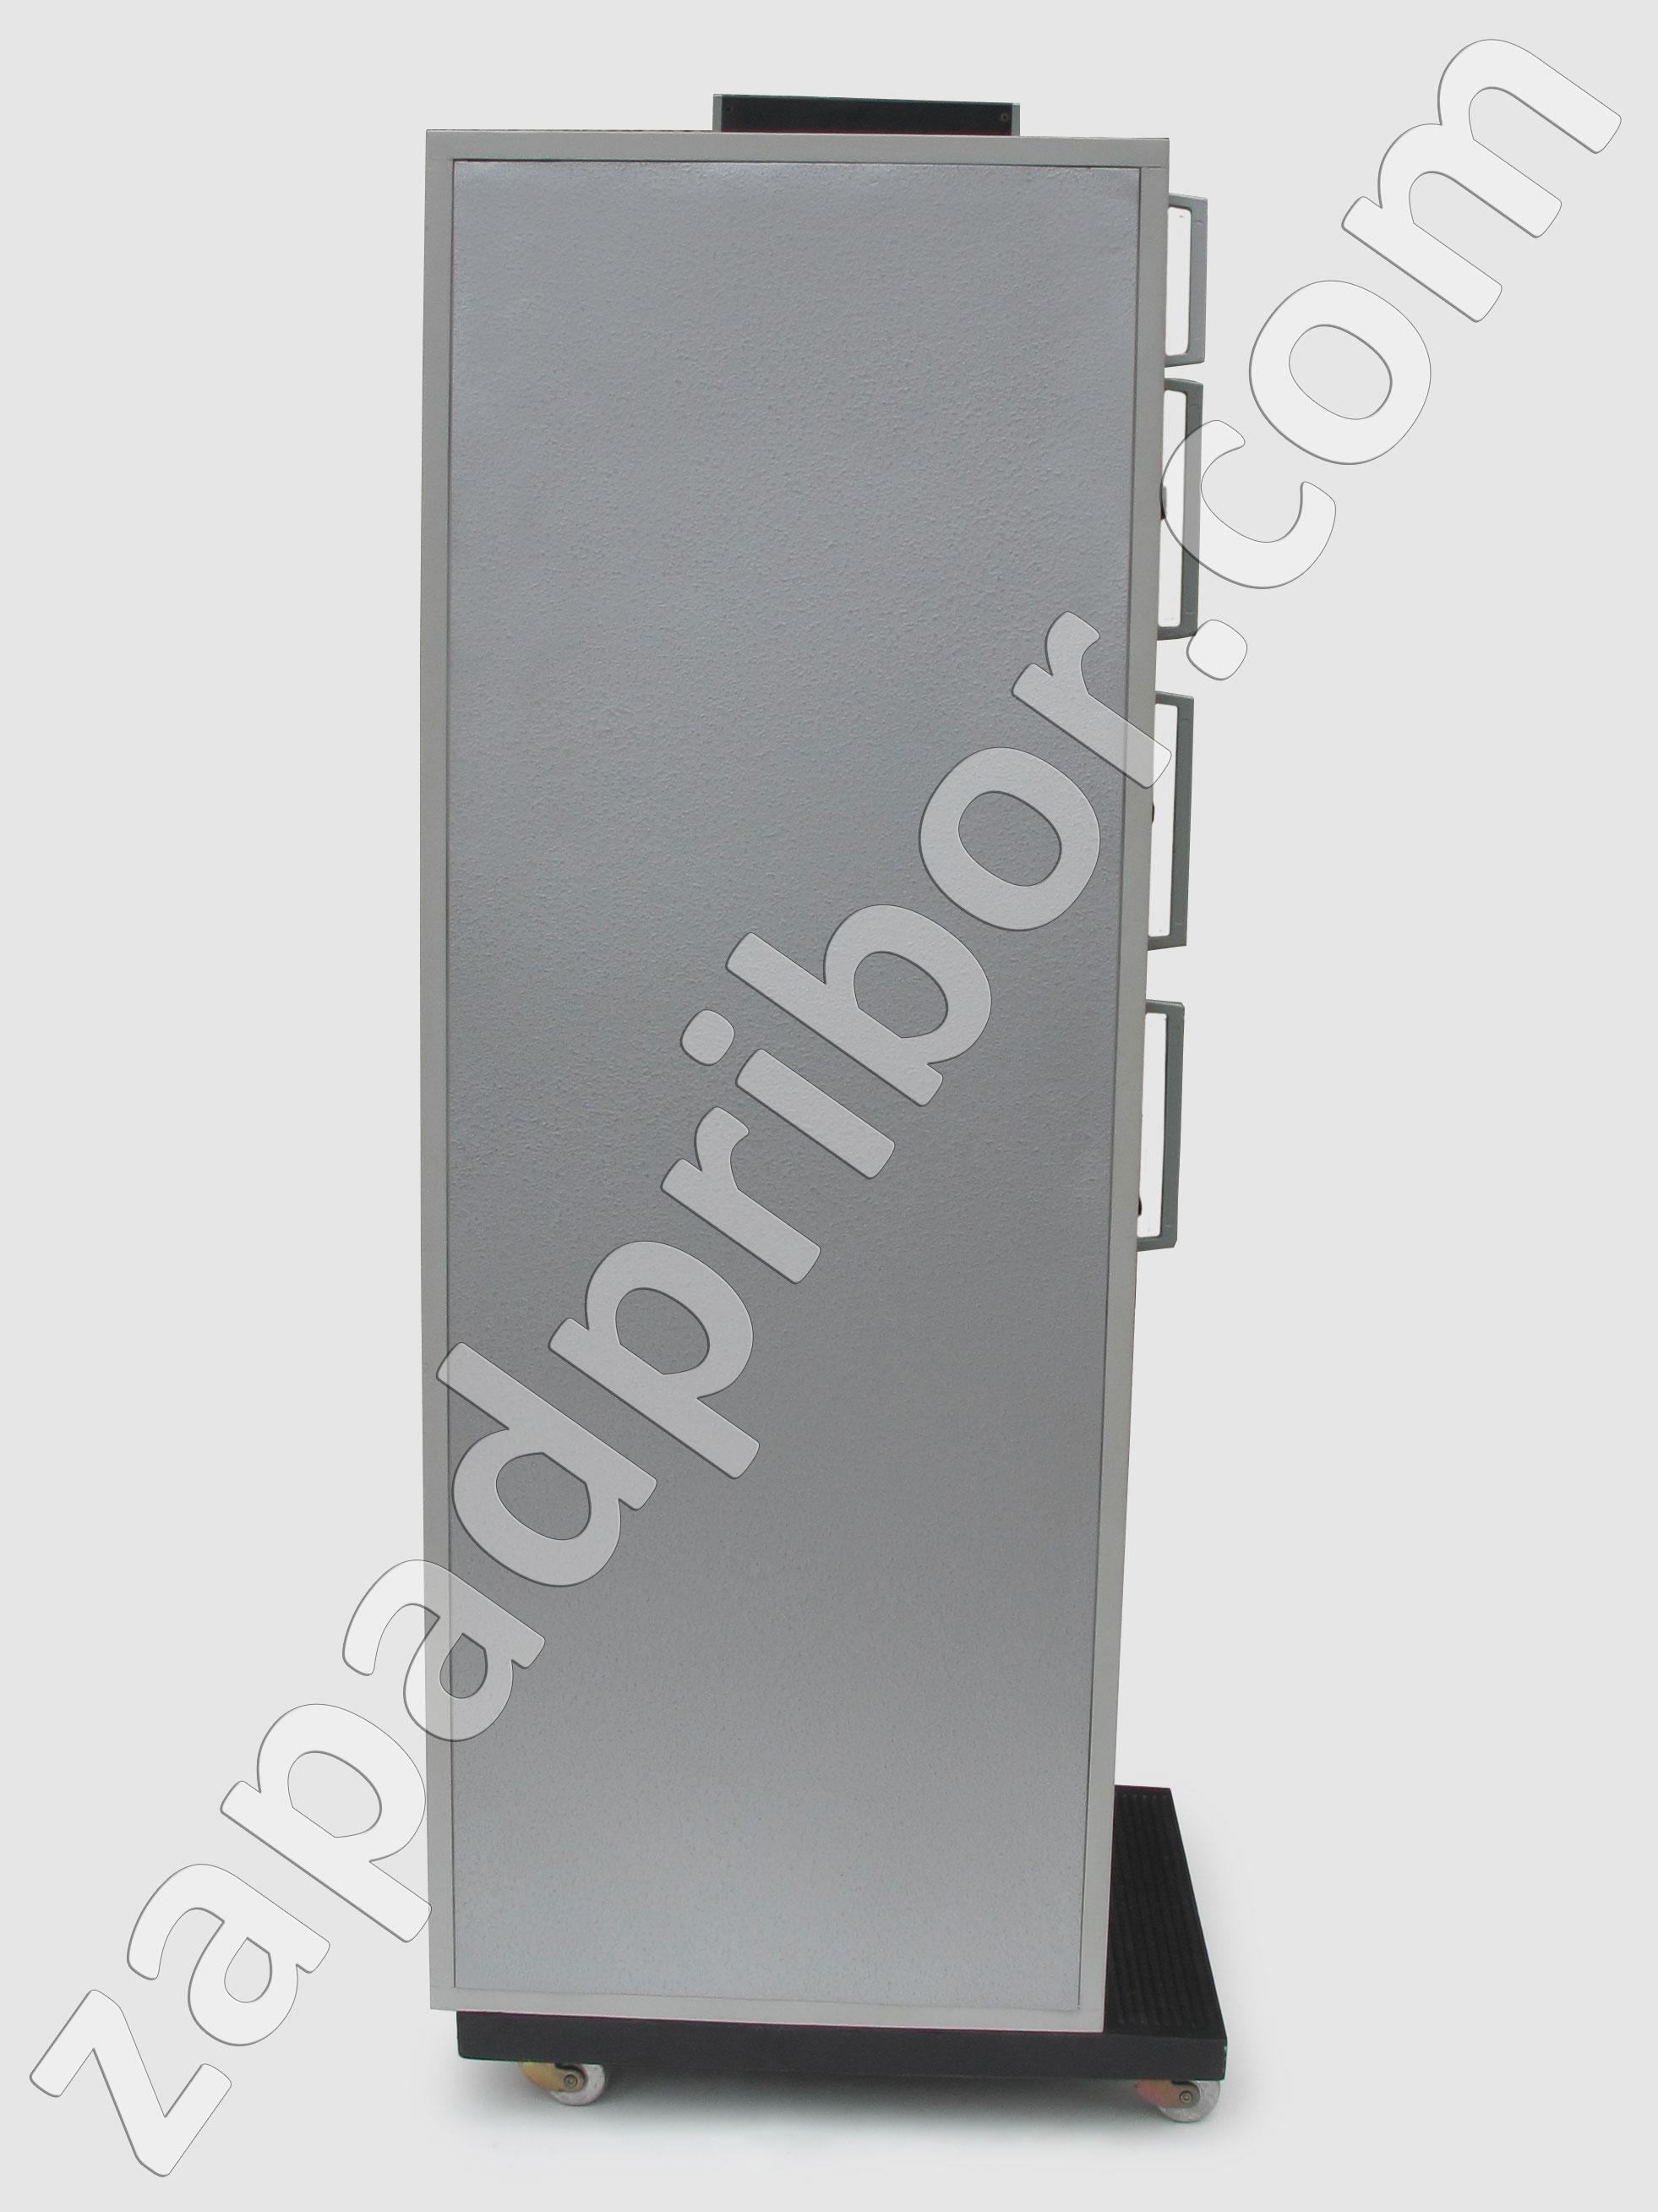 инструкция по эксплуатации калибратор мп 3001